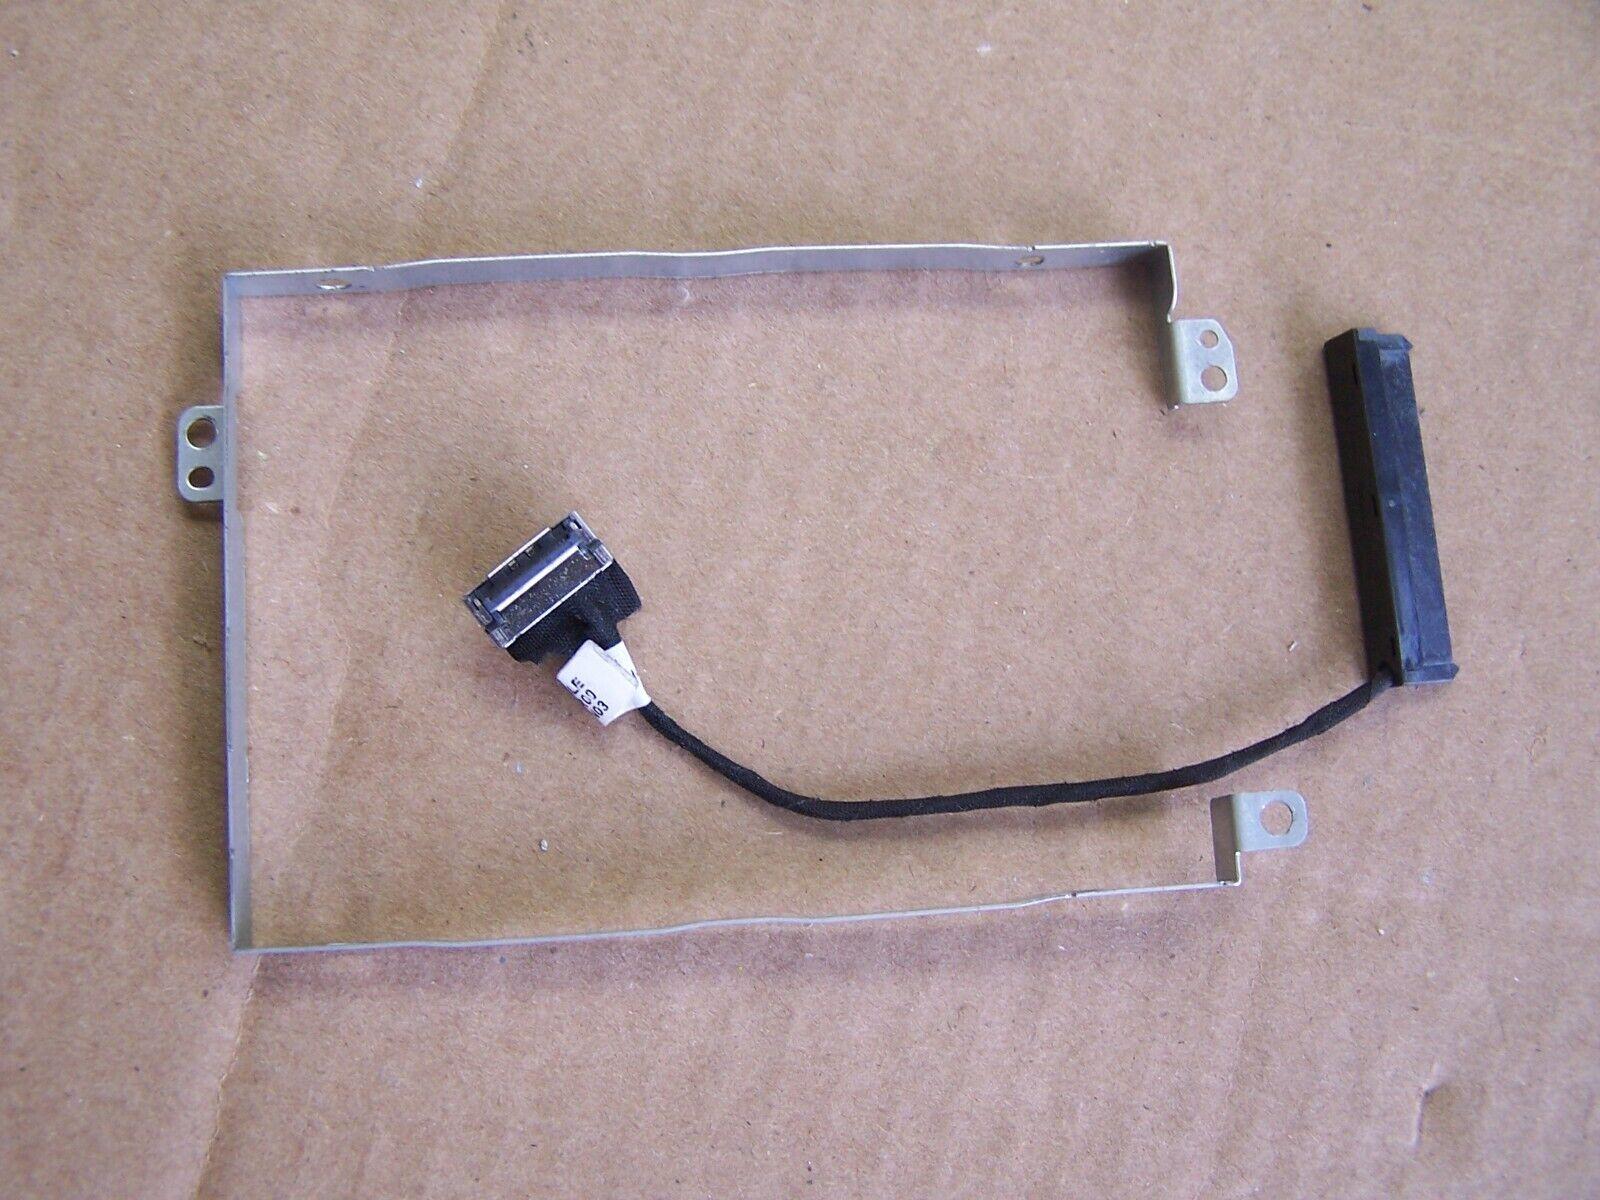 500GB 7200rpm 2.5 Laptop Hard Drive for HP Pavilion DV2900 DV2946NR DV3500T DV4-1525LA DV6-2162NR DV6-3050CA DV6447OM DV6648SE DV6662SE DV6700Z DV6Z-2000 DV7-1128CA DV7-1130US DV7-4177NR DV9817CL G4-1010US G6-1A46CA G7-1149WM HDX9000T